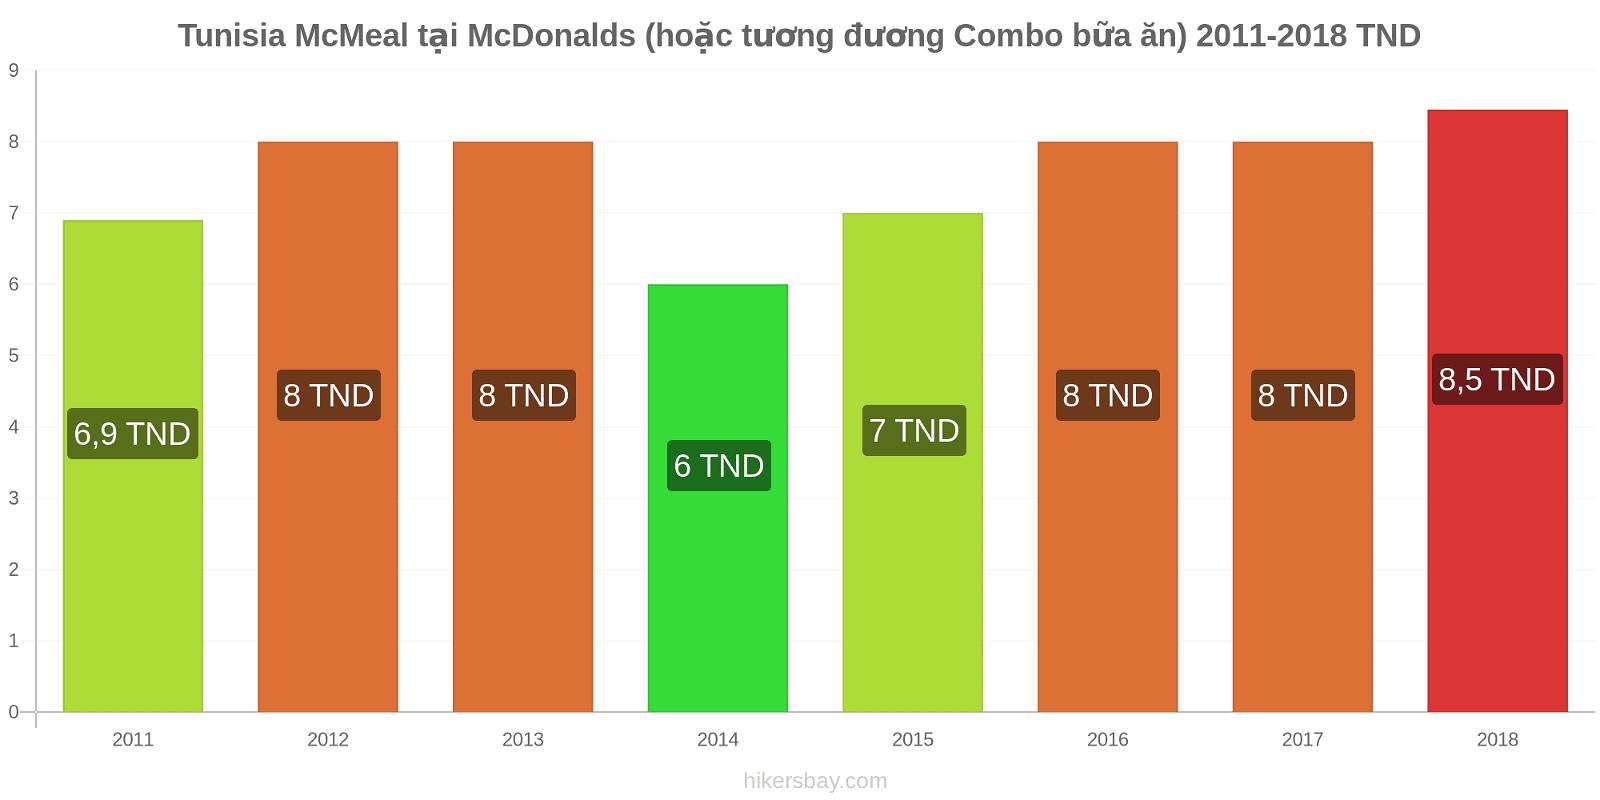 Tunisia thay đổi giá McMeal tại McDonalds (hoặc tương đương Combo bữa ăn) hikersbay.com